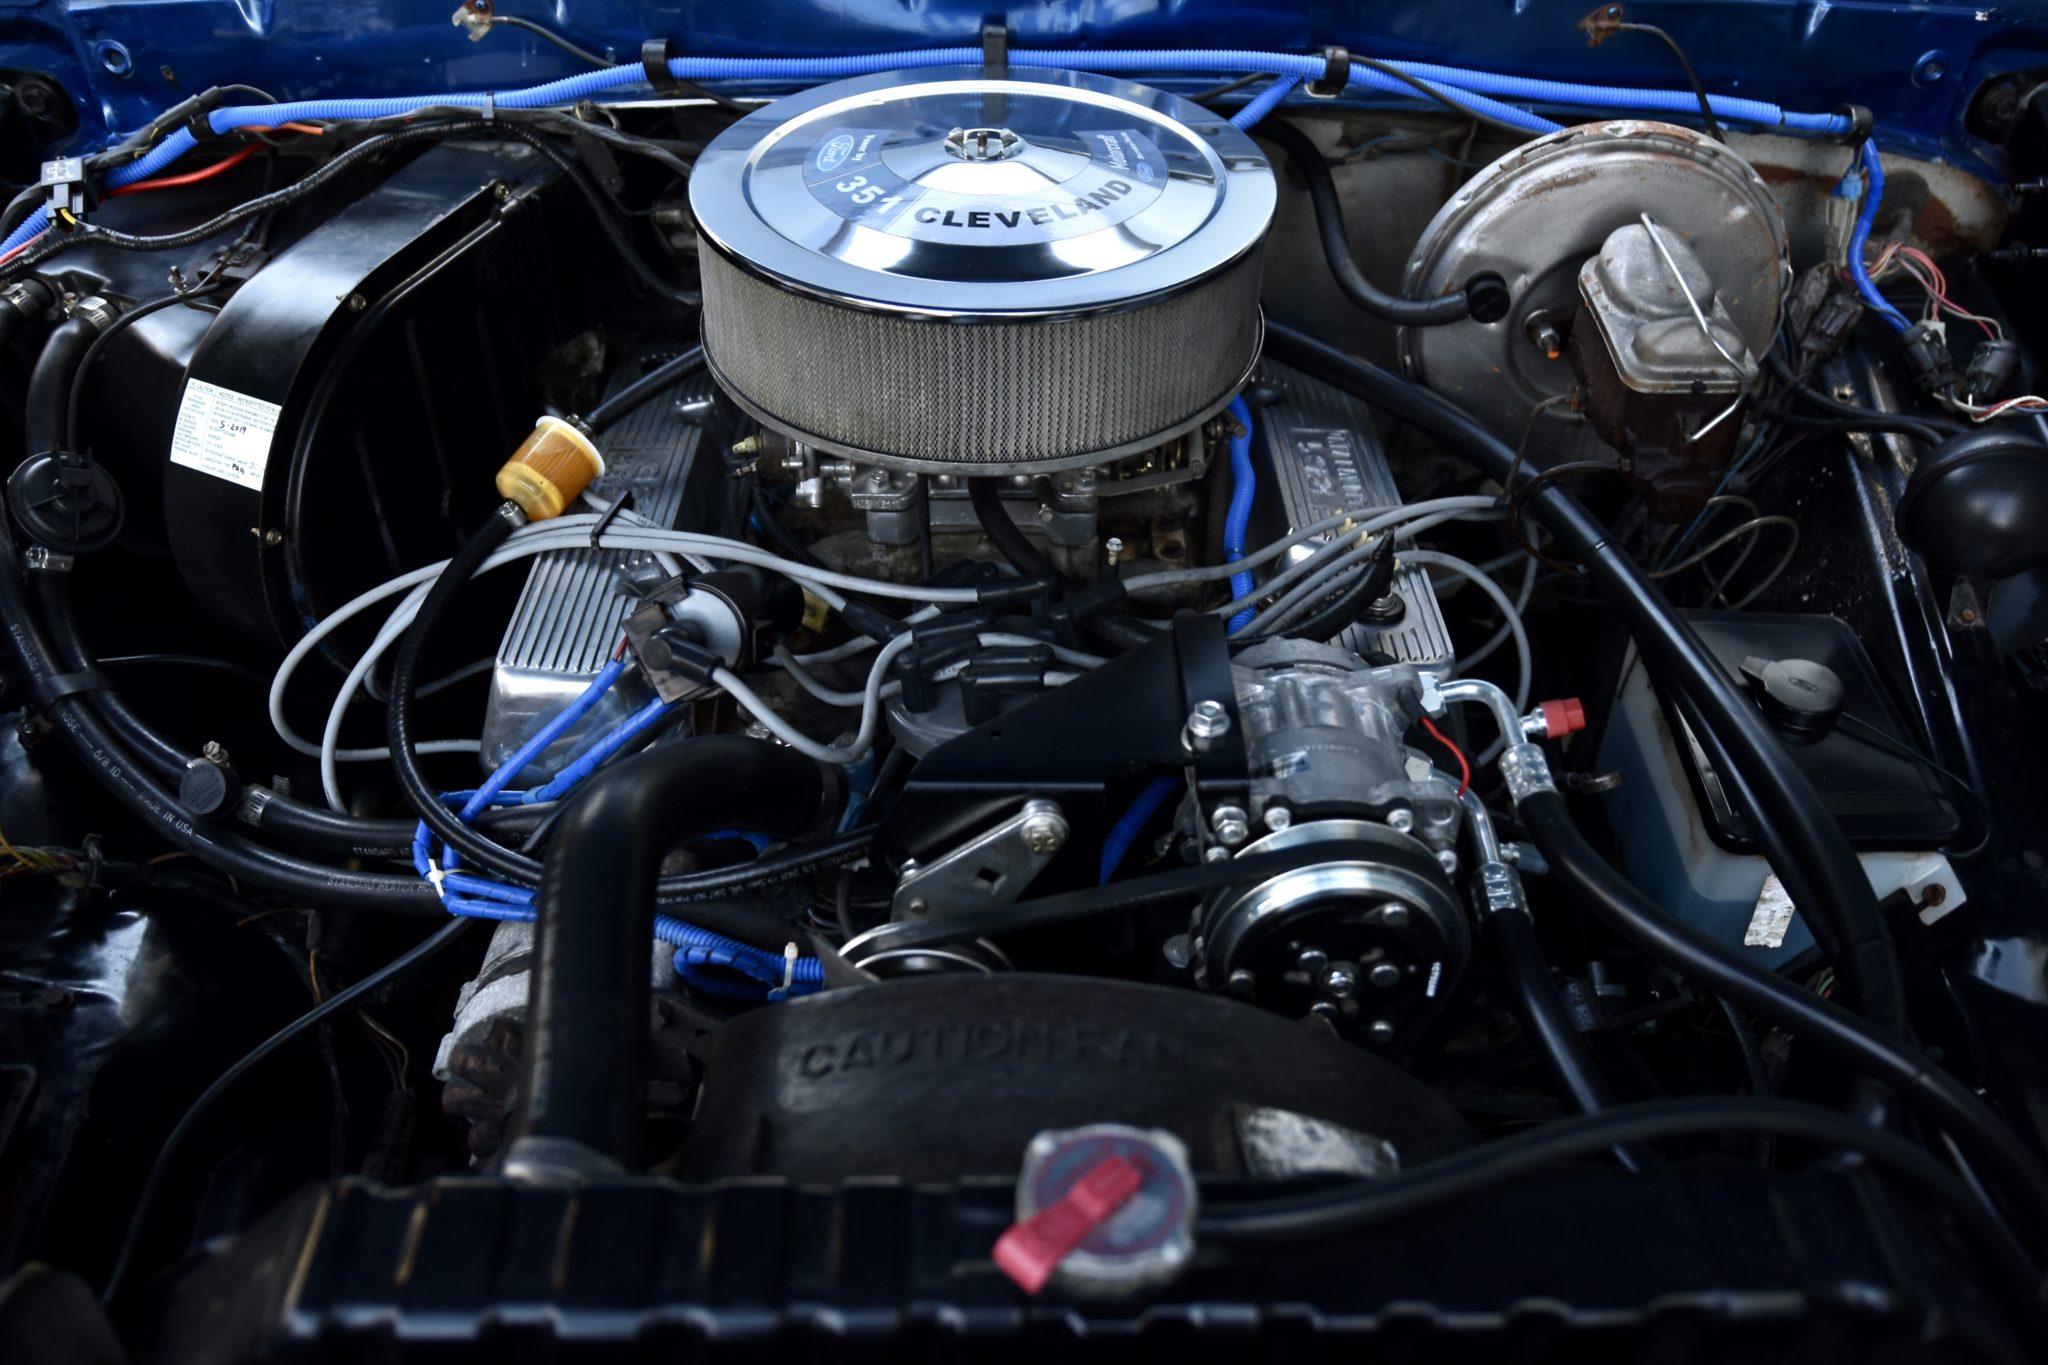 ford v8 ranger 1977 barrel cleveland xlt carbureted packs four autoevolution